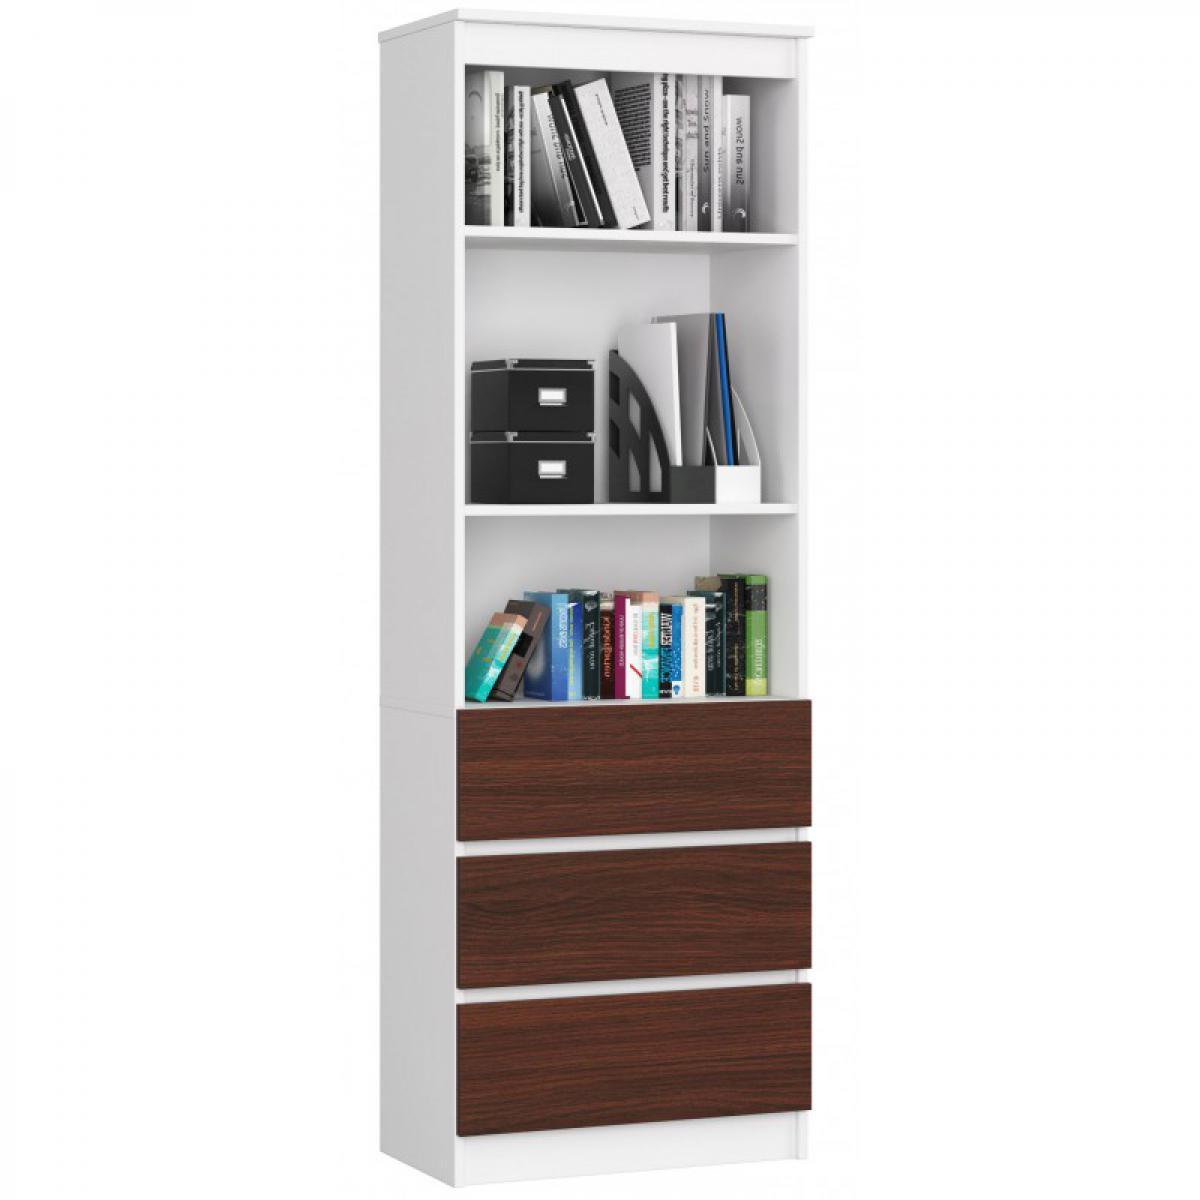 Hucoco CARLO - Grande bibliothèque moderne - 2 étagères + 3 tiroirs - 180x60x35cm - Rangement livres/déco - Wengé